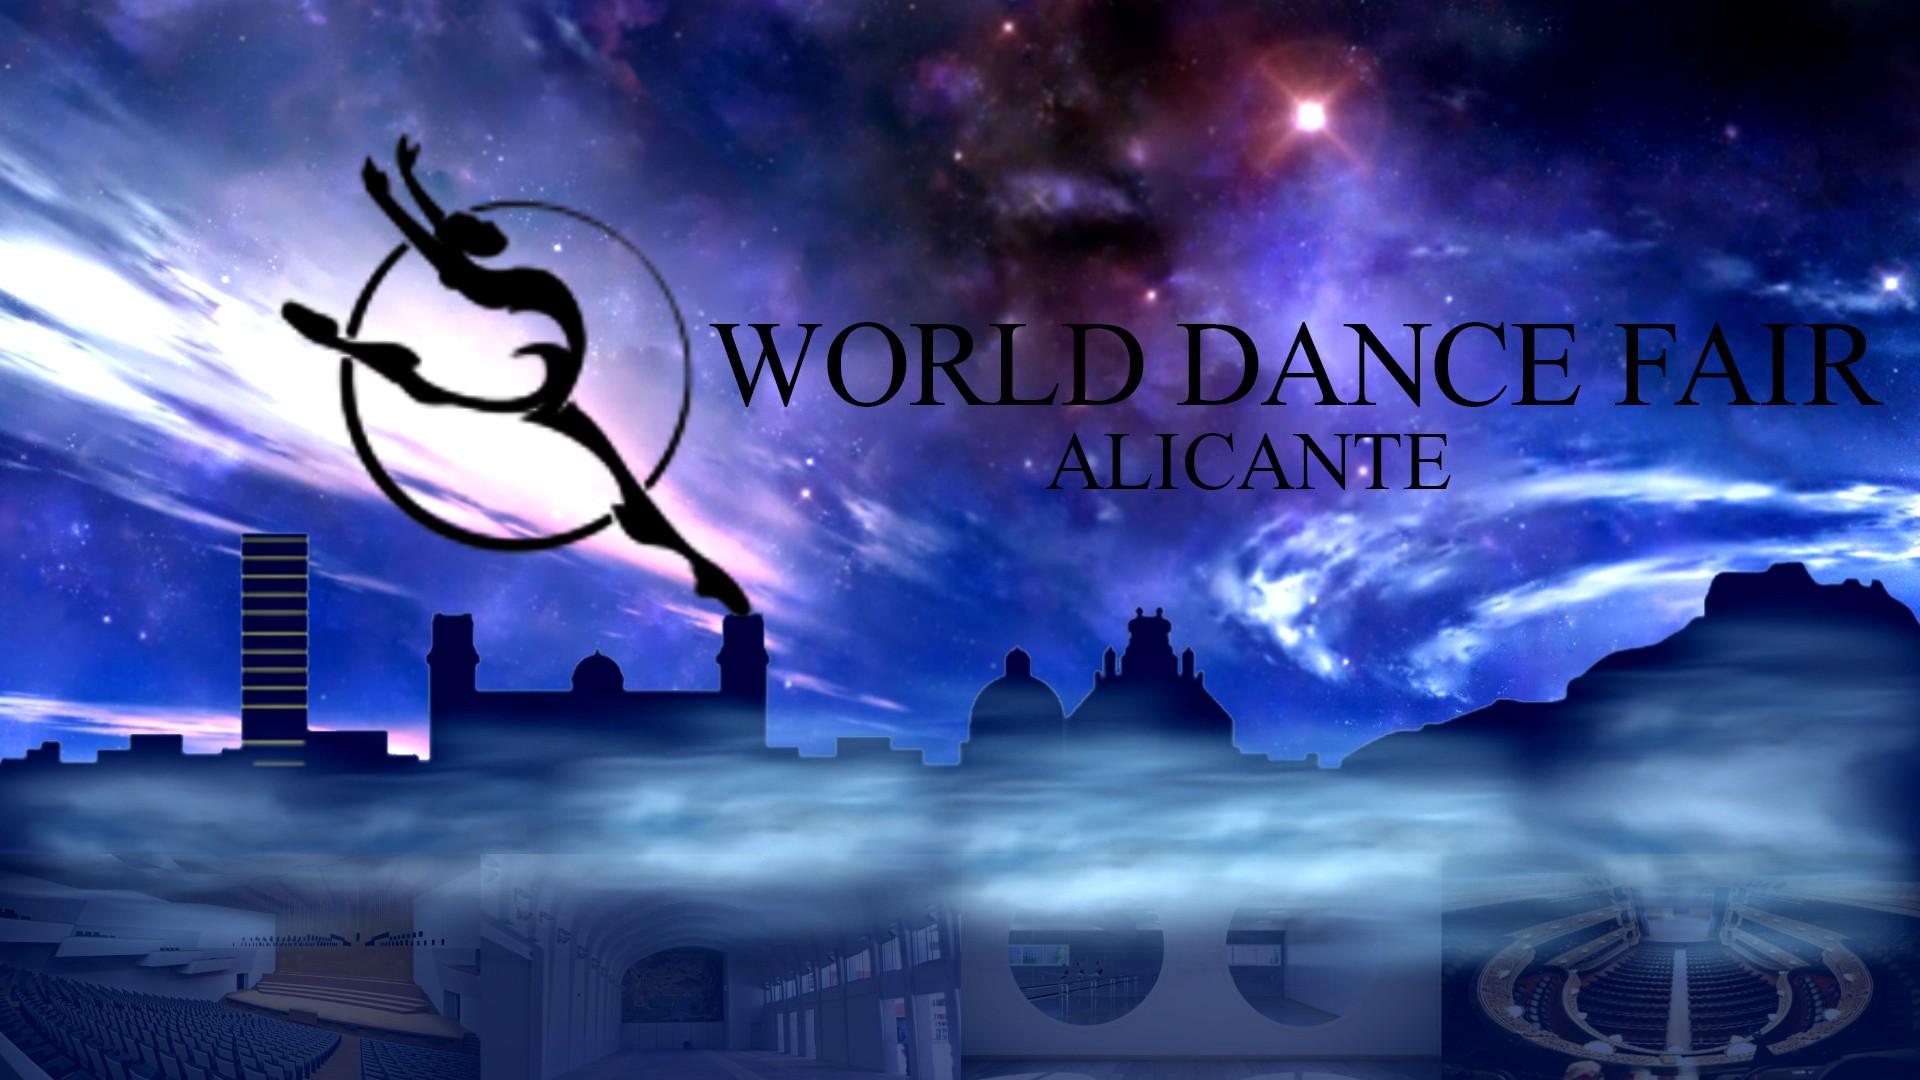 world dance fair 2018 danza baile urban clásica española contemporánea musical international dance school alicante portada